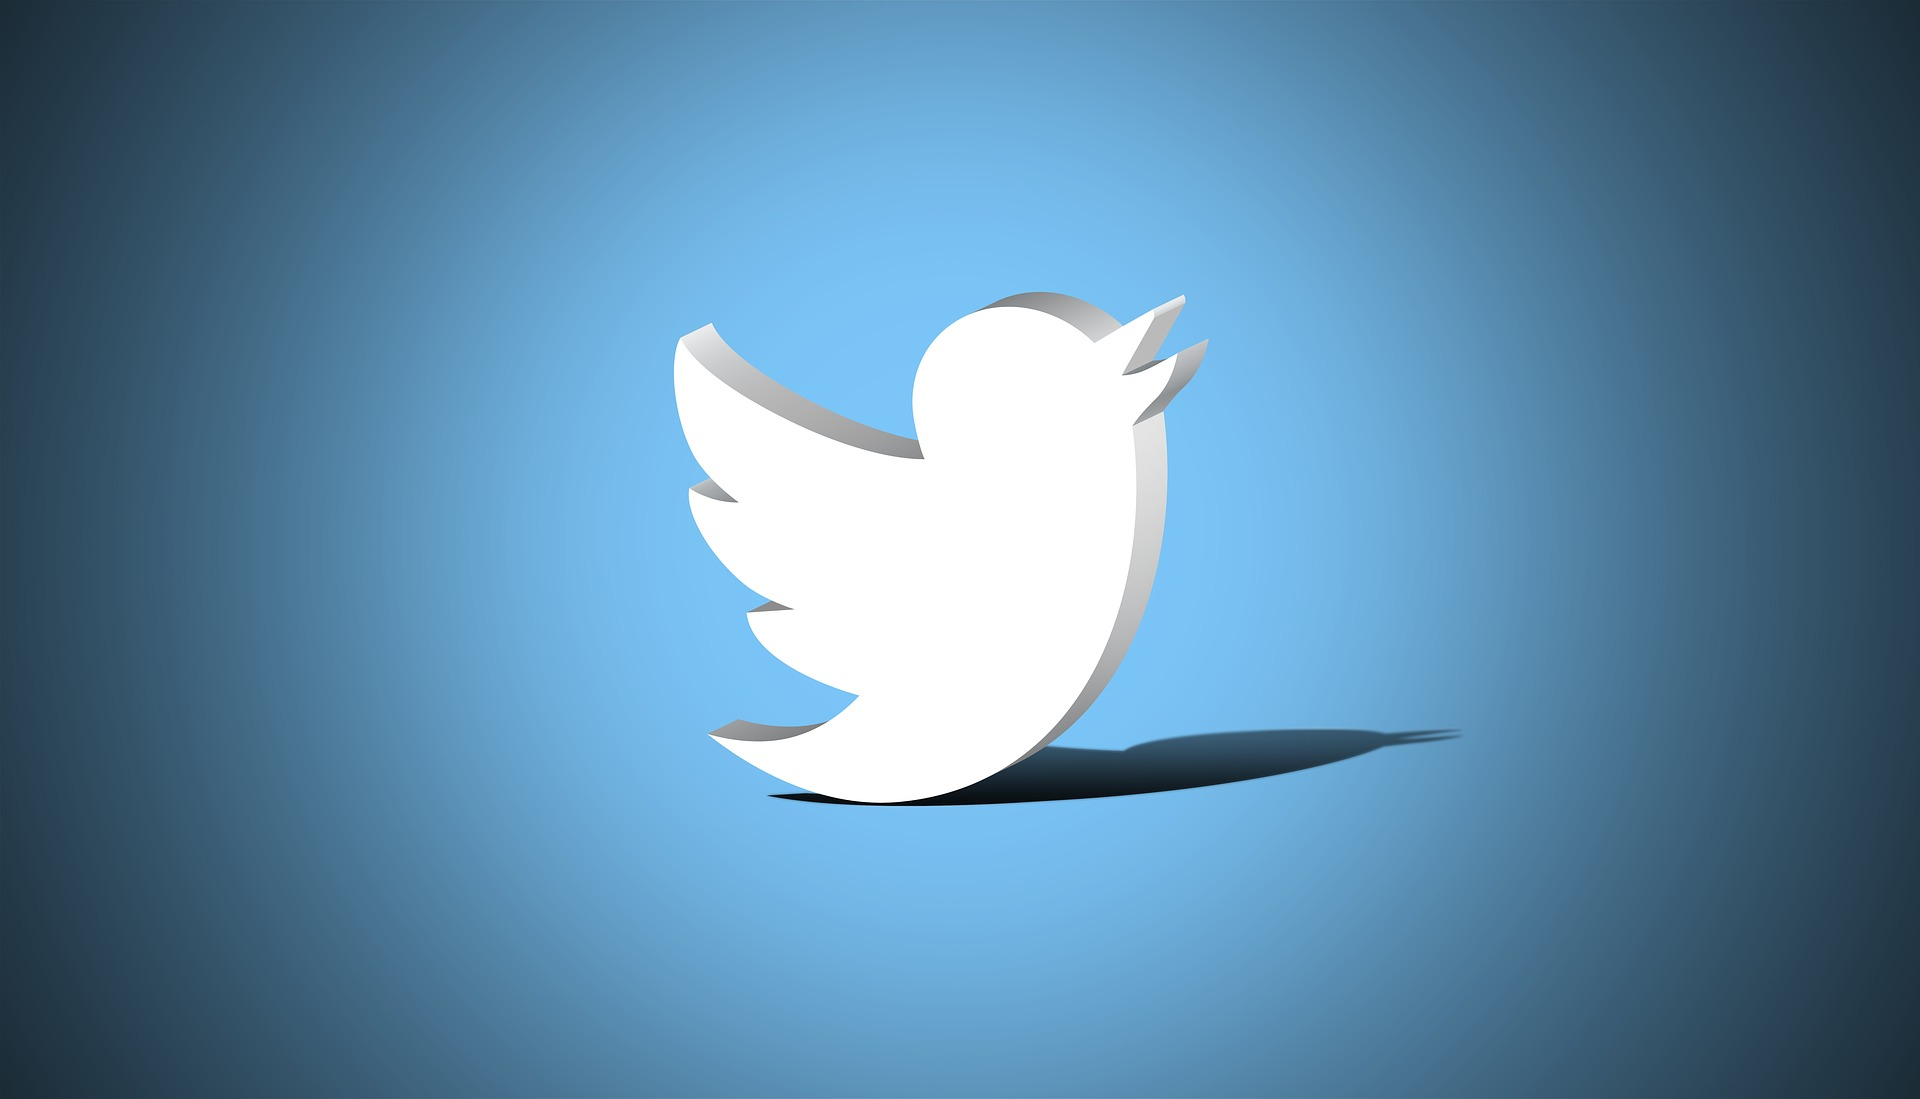 mctビジネスデザインのTwitter